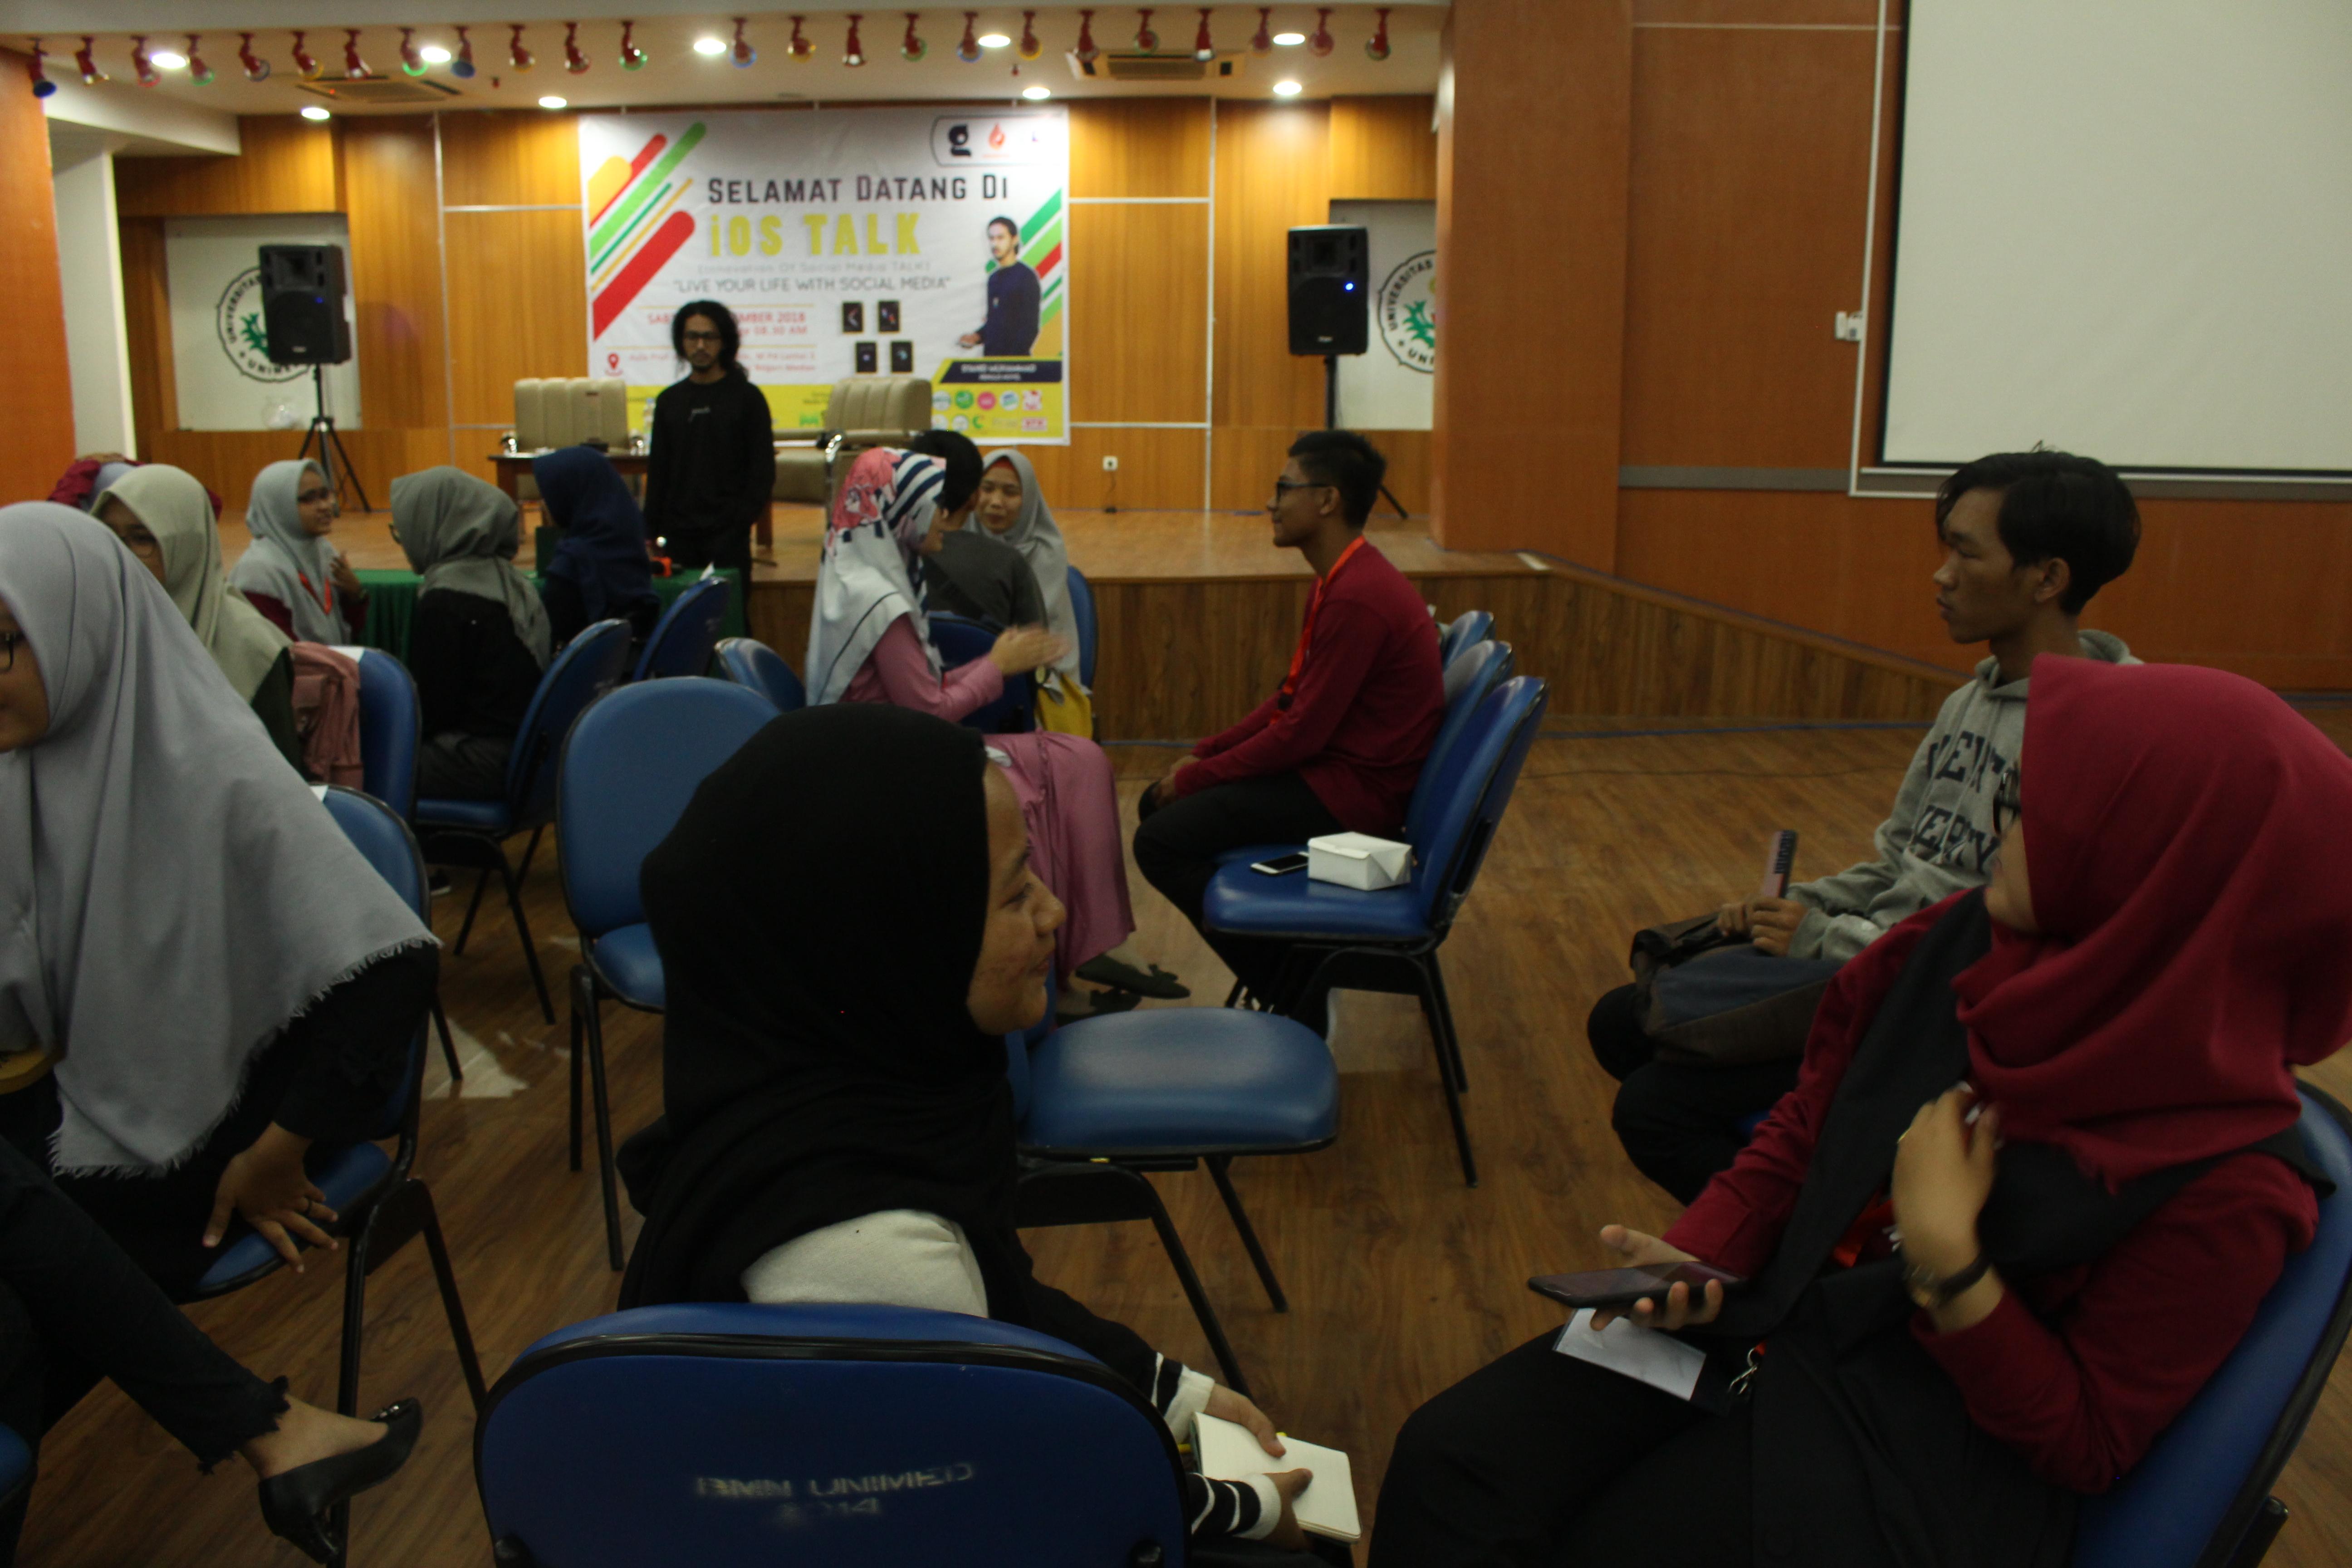 Sesi Mini-Workshop bersama Syahid Muhammad dalam IOS Talk di Universitas Negeri Medan. (15/11) (Fotografer: Hidayat Sikumbang)